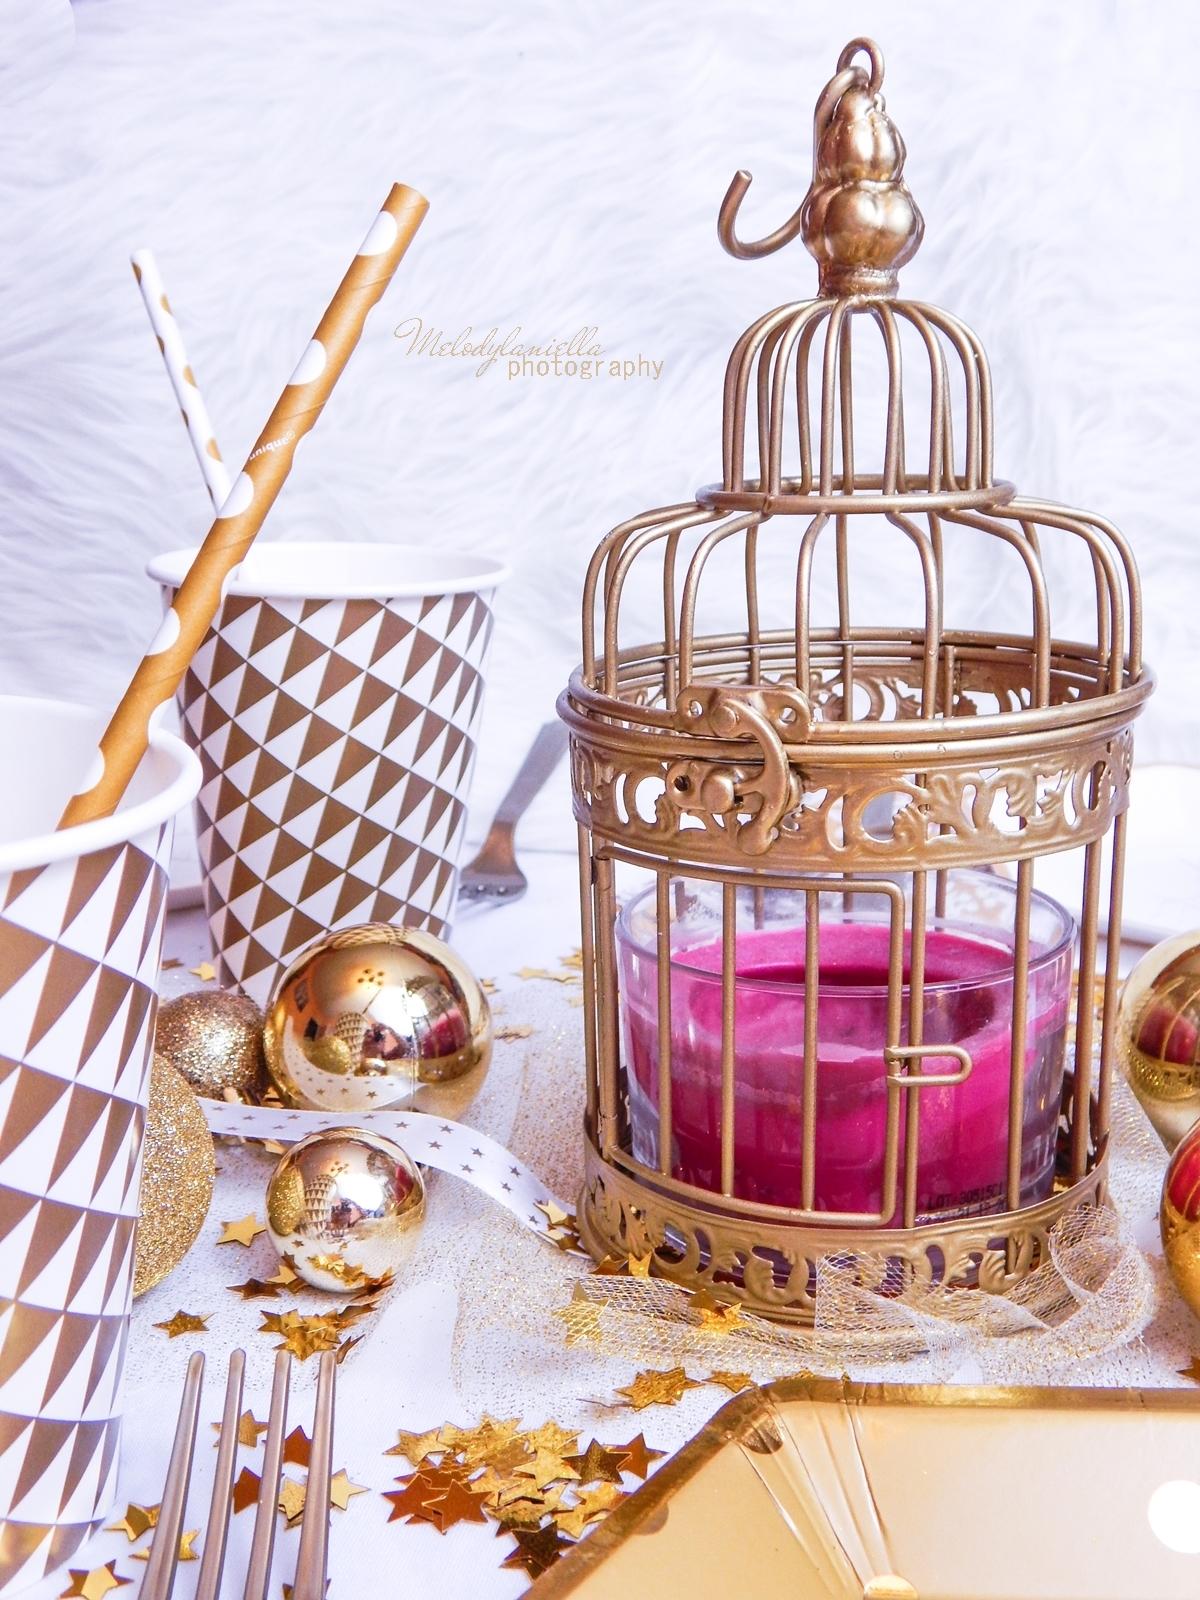 5 jak udekorować stół na imprezę dekoracja stołu karnawałowego świątecznego weselnego urodzinowego dekoracje dodatki partybox.pl partybox sklep z dodatkami na imprezy ciekawe gadżety